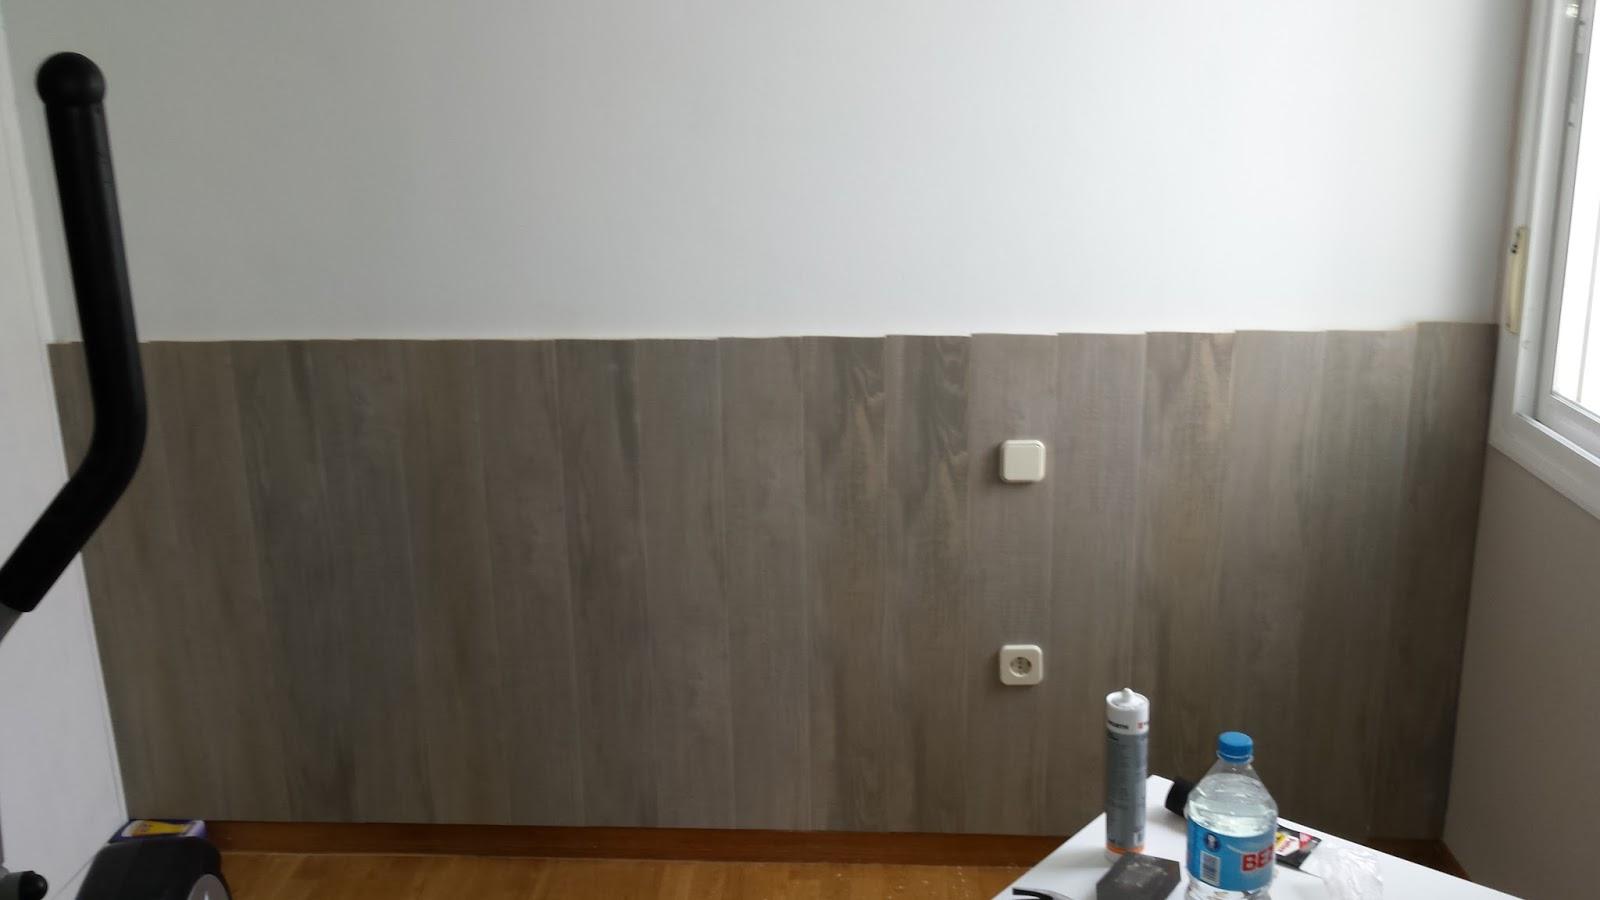 Colocar friso en pared - Friso en paredes ...